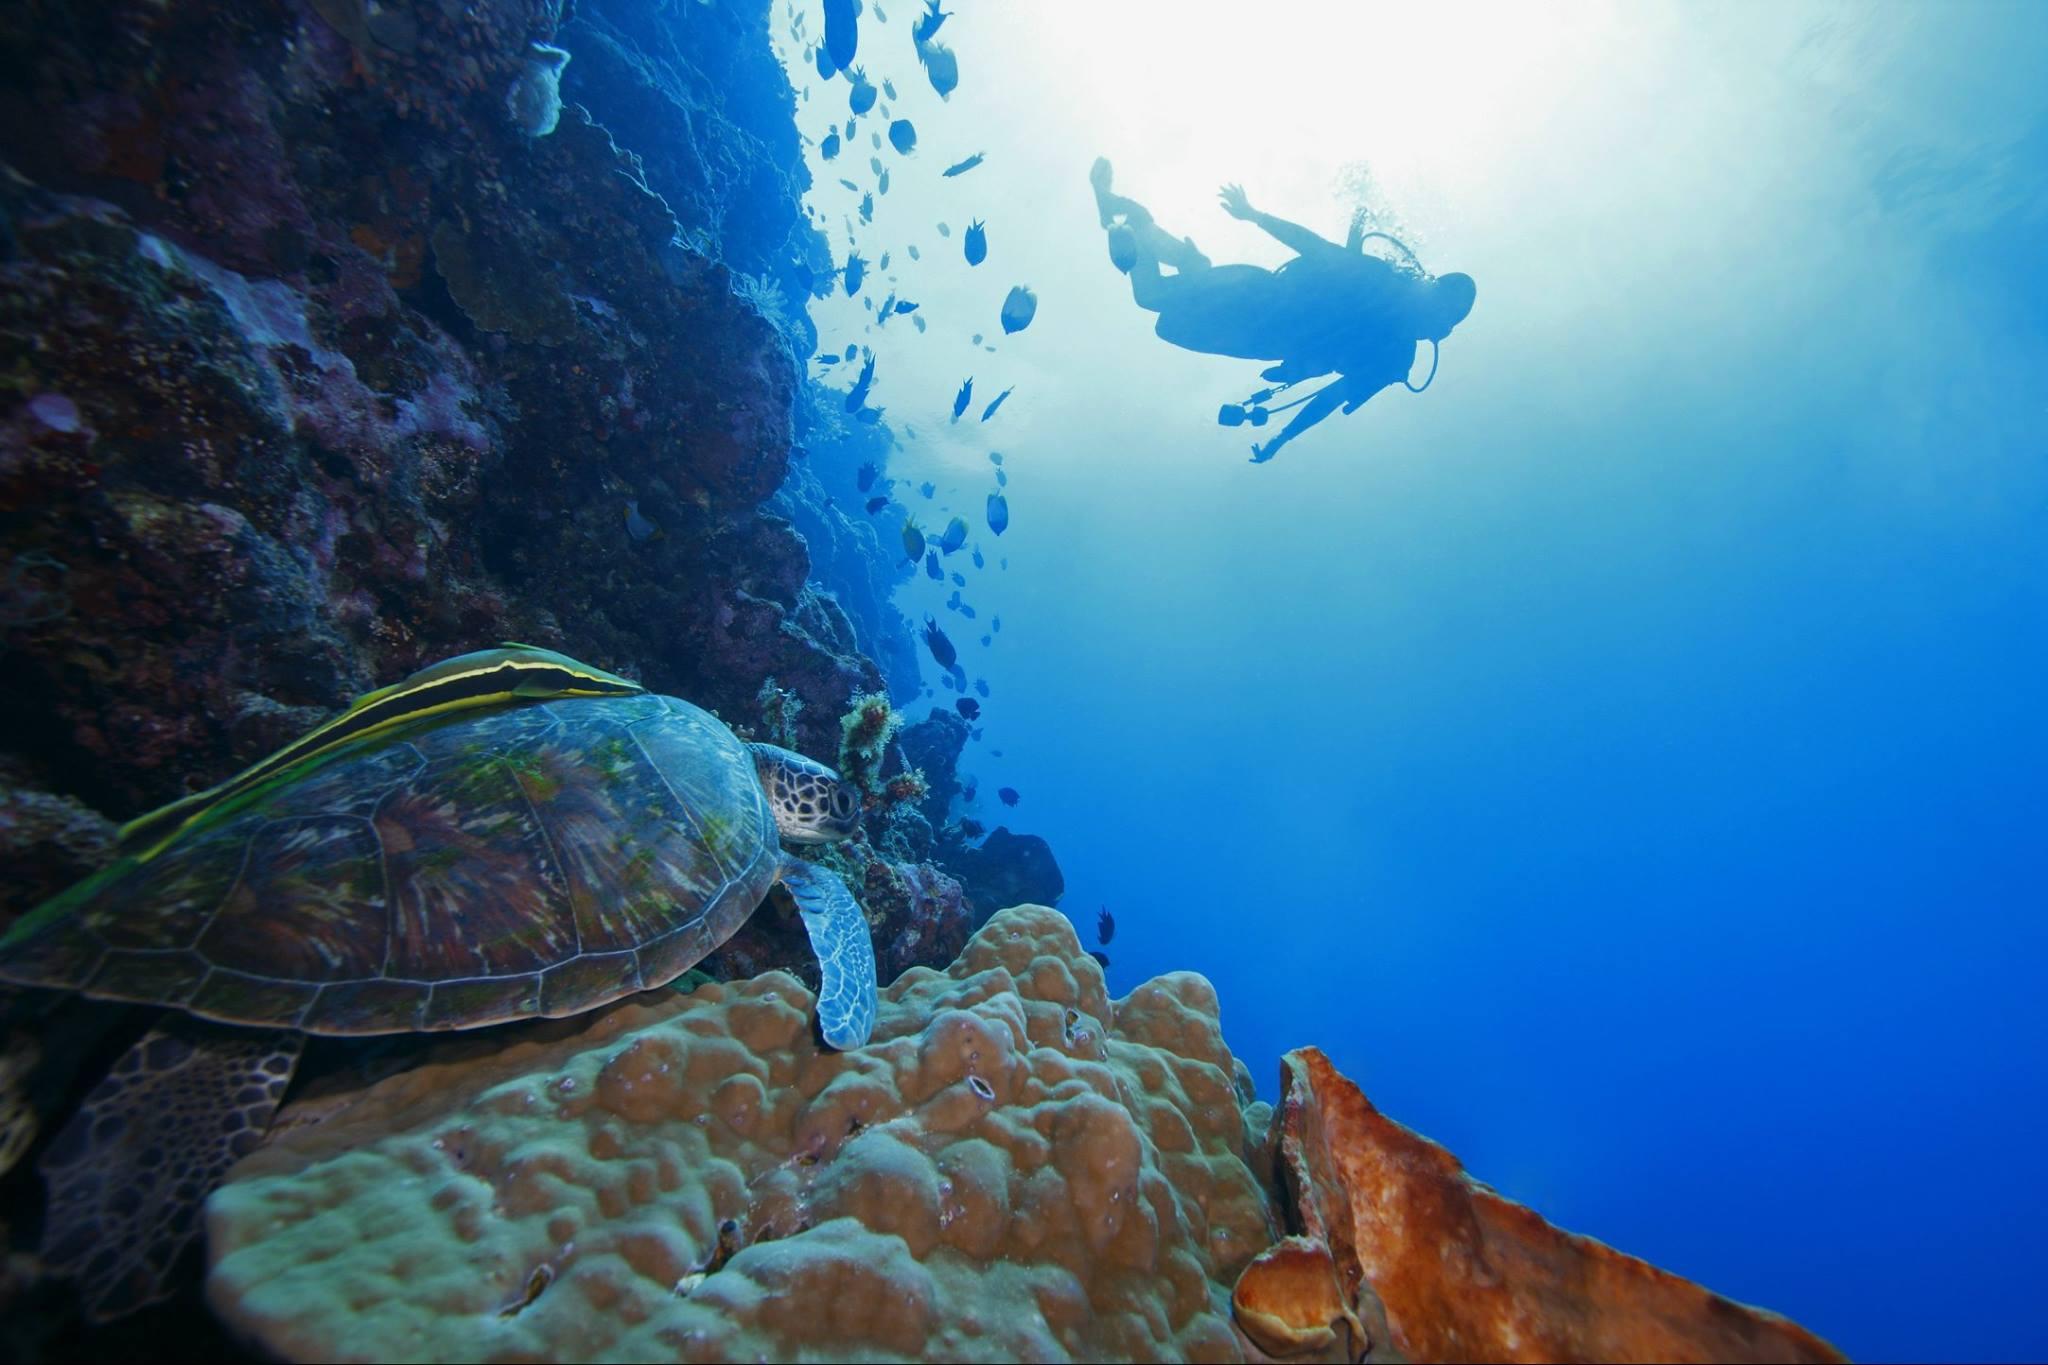 Varias ONs calculan que del tráfico global de biodiversidad terrestre la delincuencia organizada obtiene entre 10 mil y 20 mil millones de dólares anuales, y se desconoce a cuánto asciende la depredación de las especies marinas.